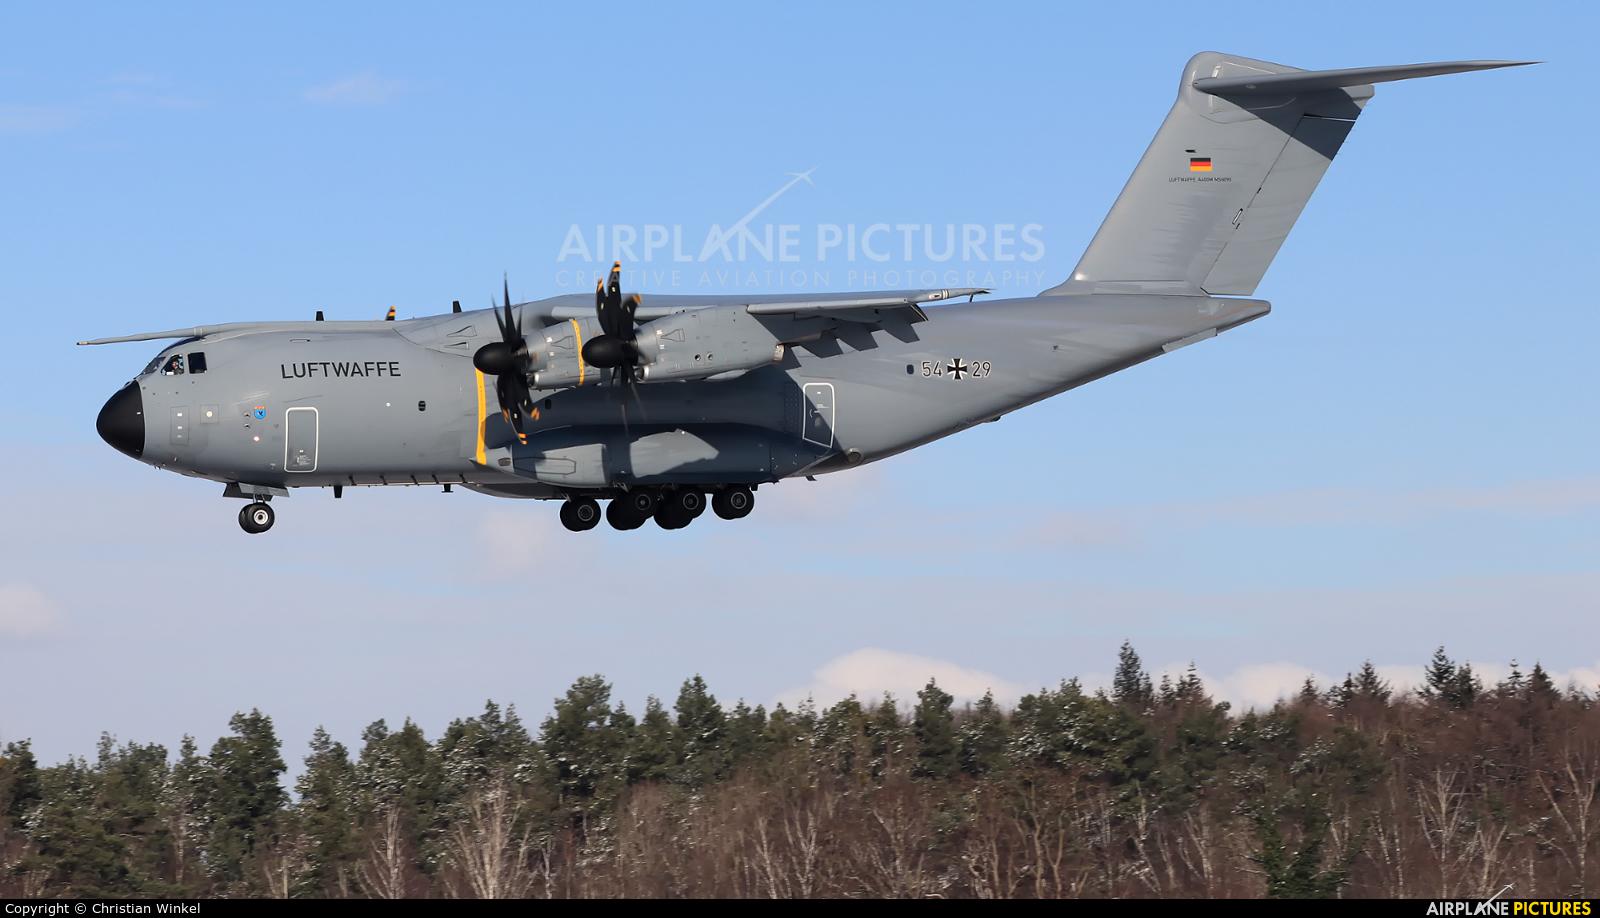 Germany - Air Force 54+29 aircraft at Wunstorf